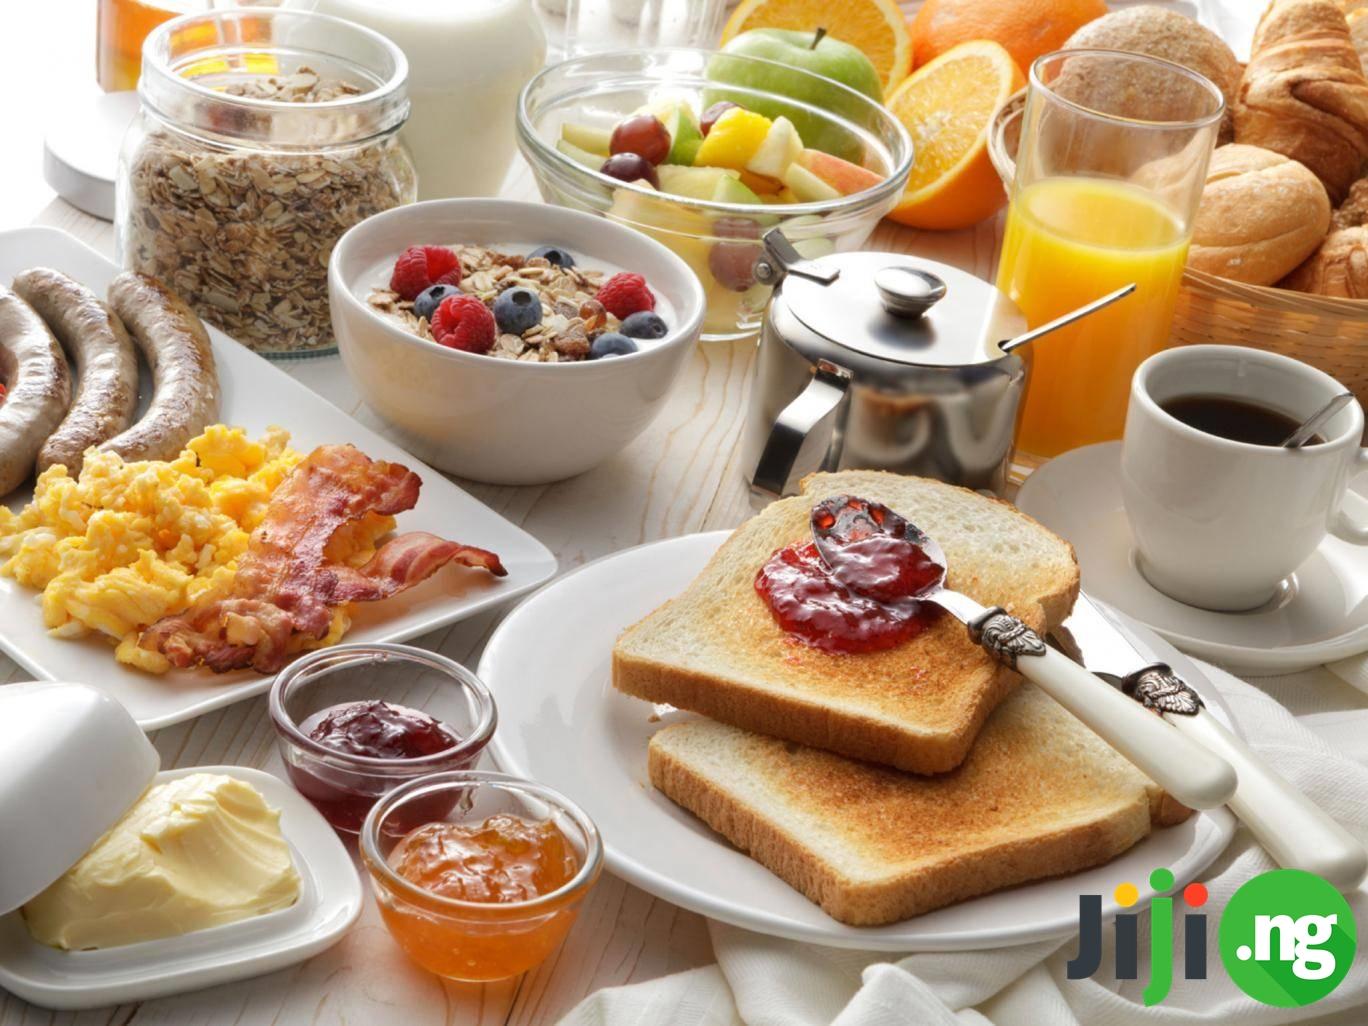 nigerian breakfast